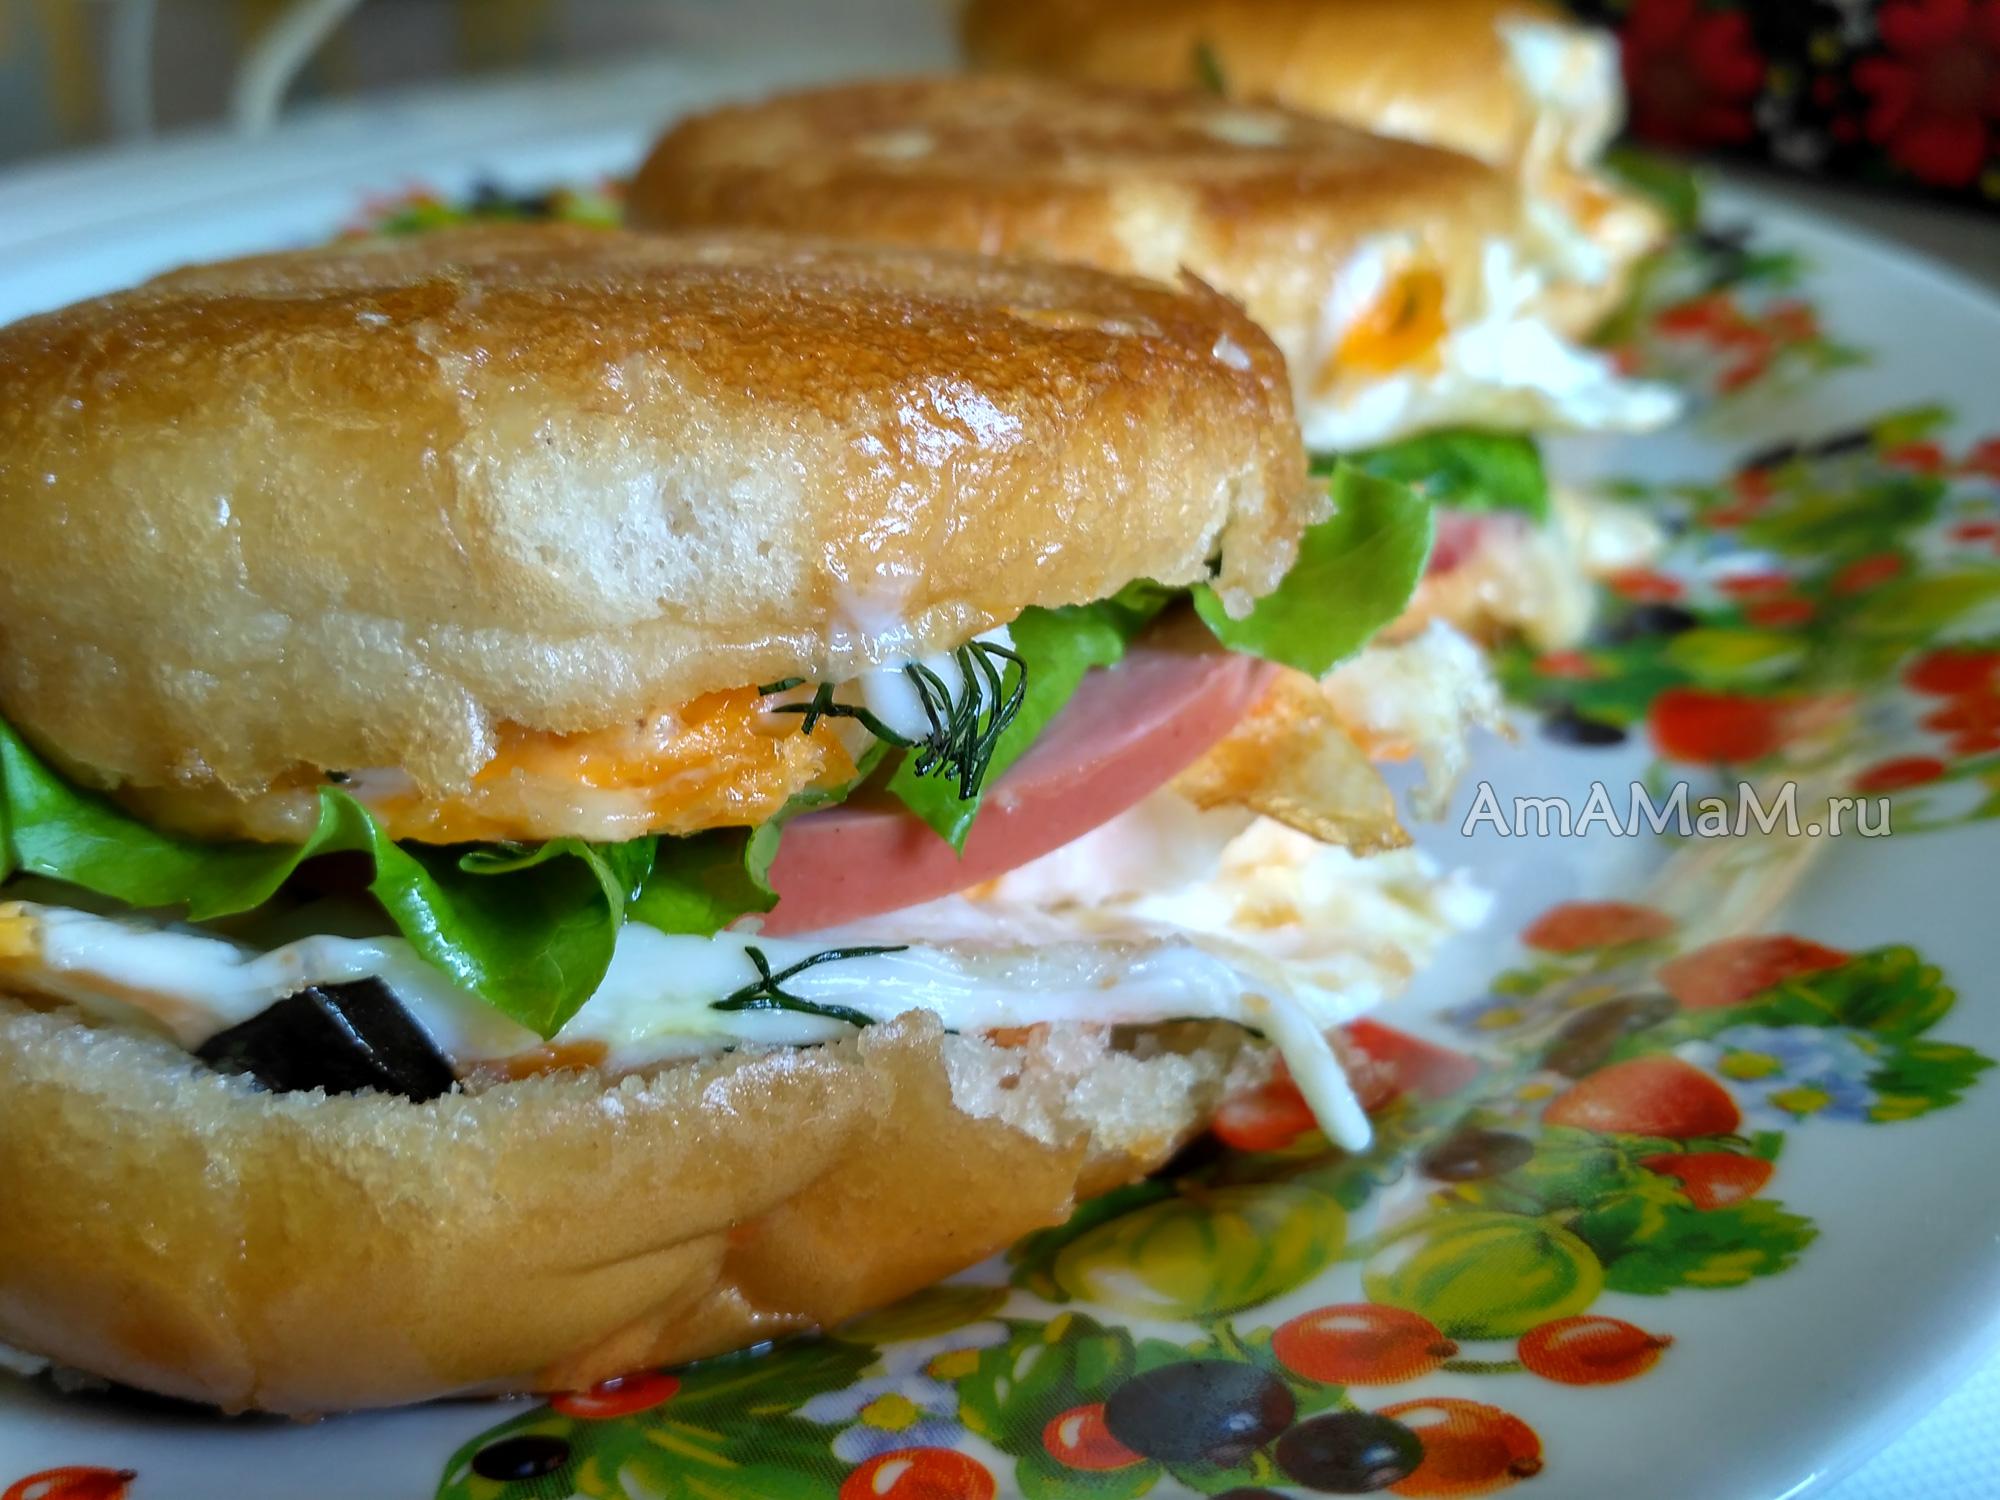 гамбургеры с колбасой и сыром рецепт